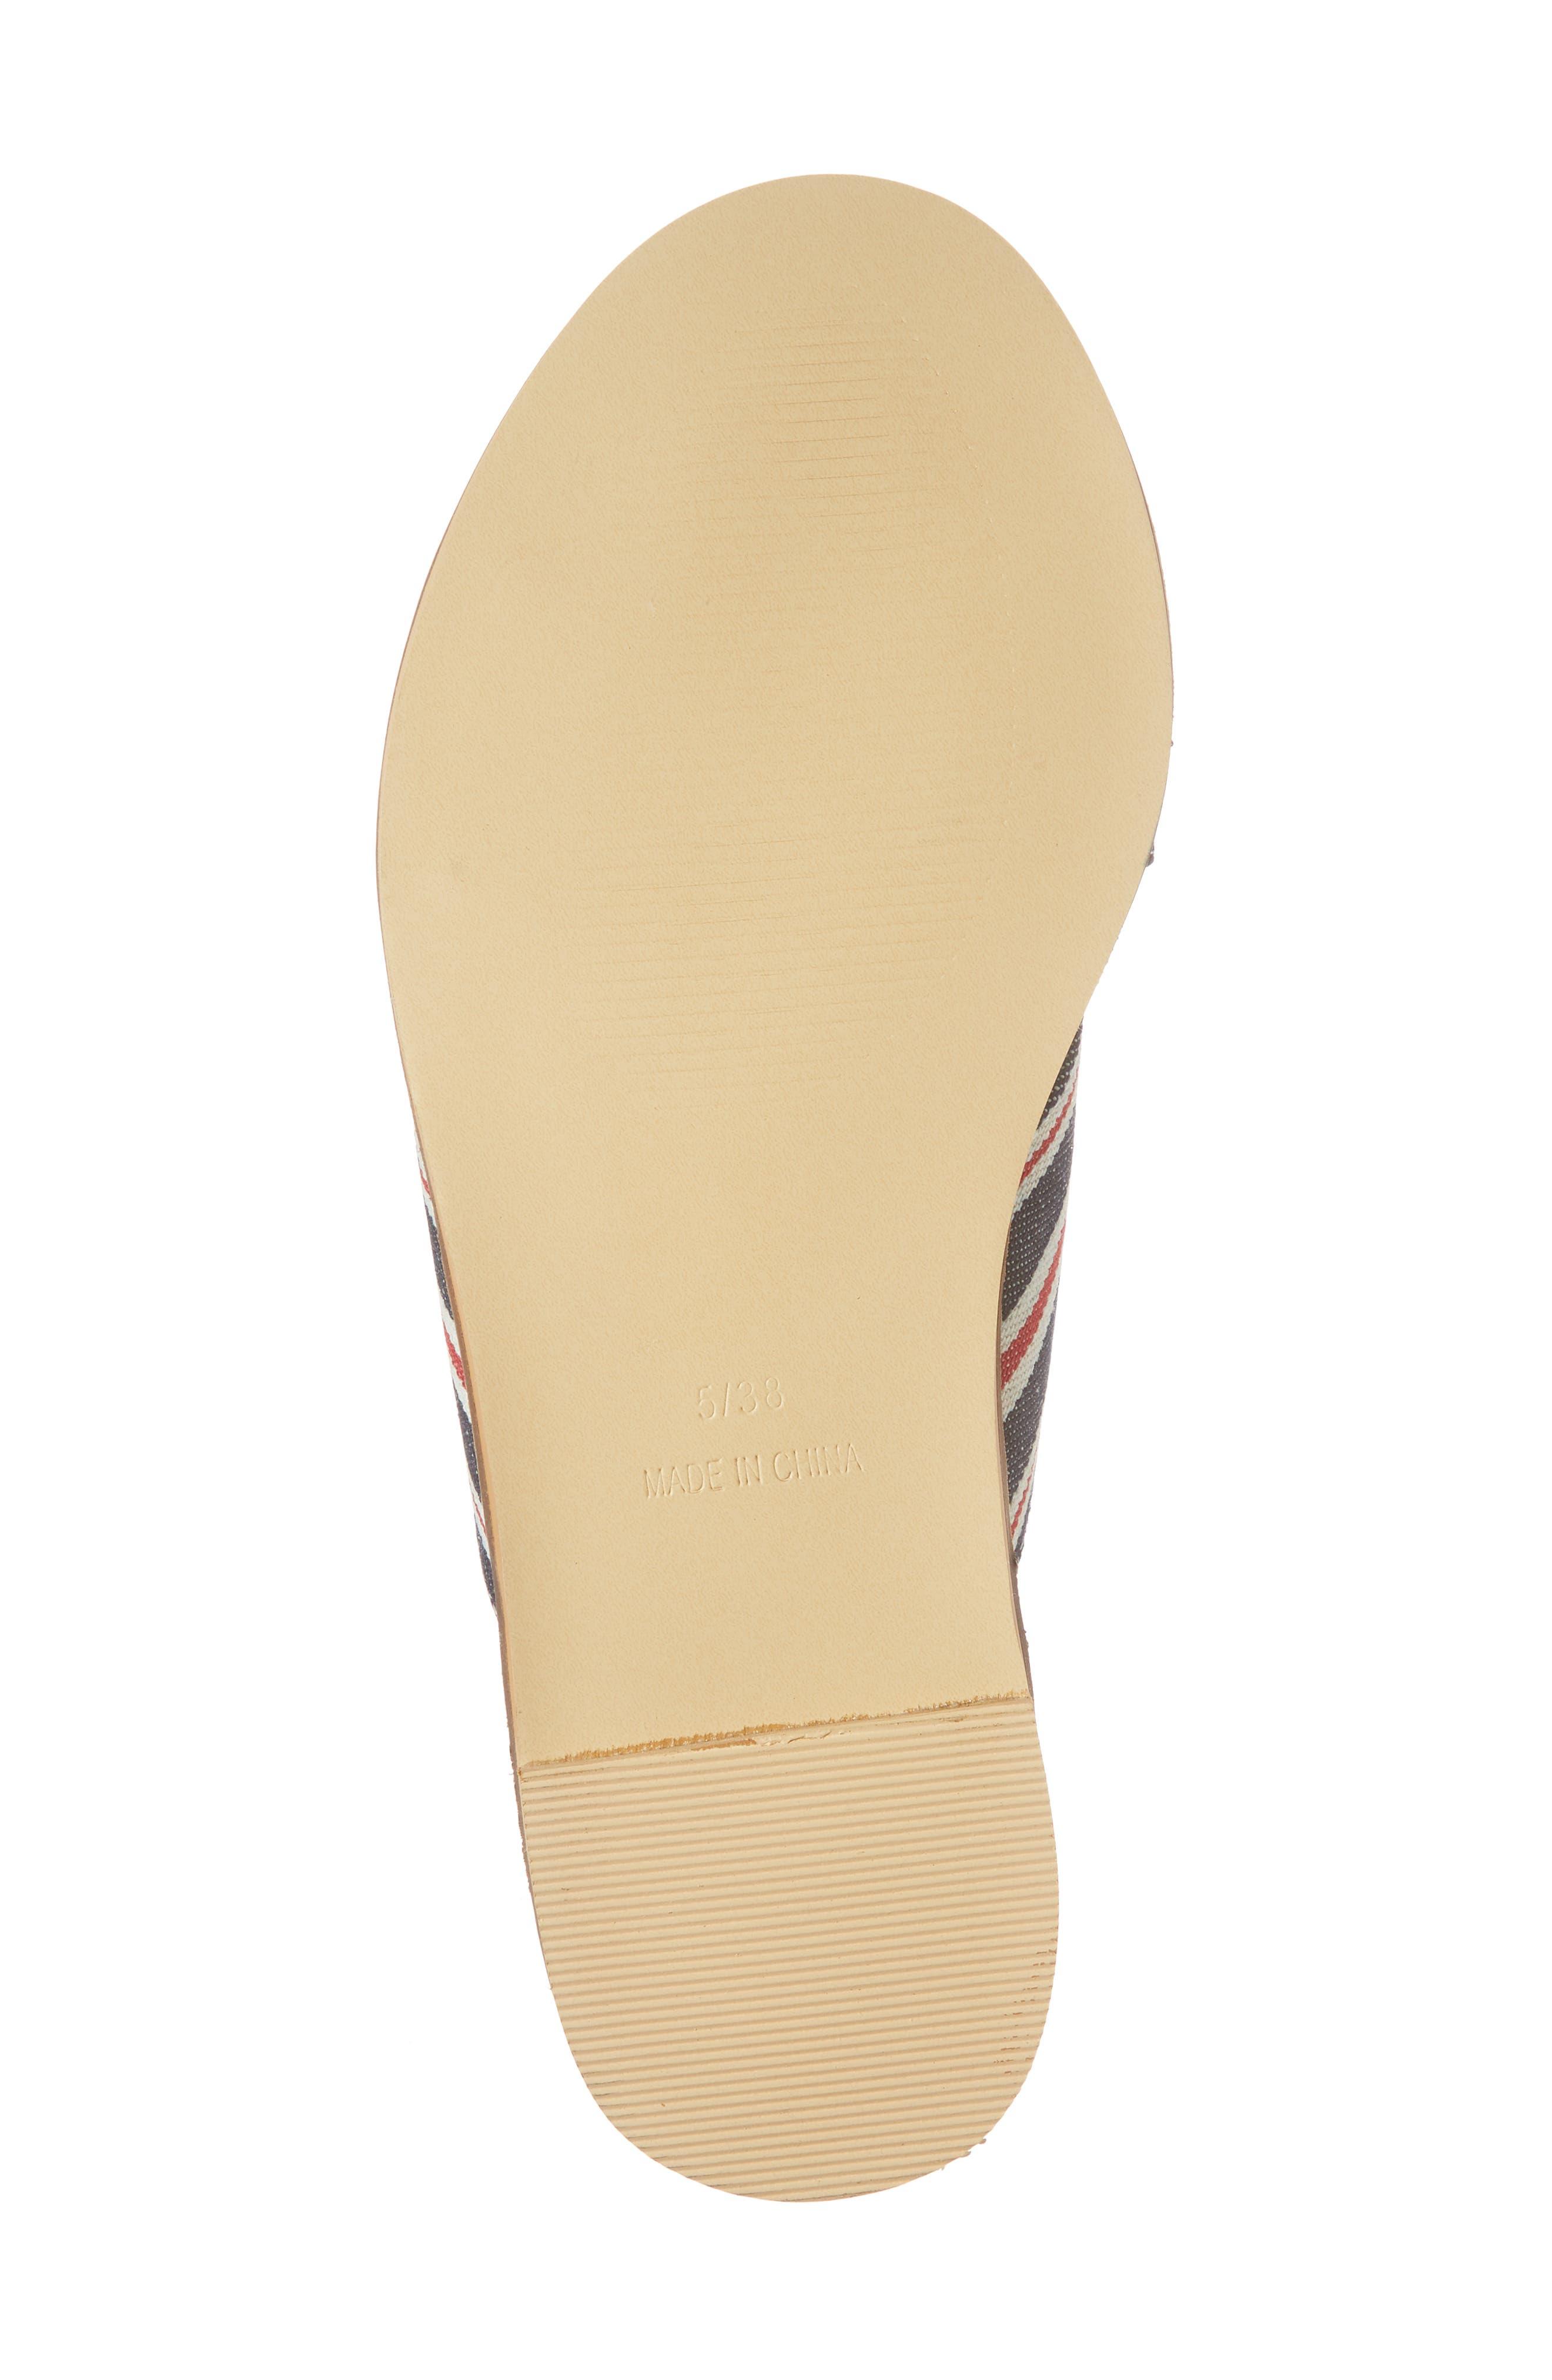 Hibiscus Slide Sandal,                             Alternate thumbnail 6, color,                             Navy Blue Multi